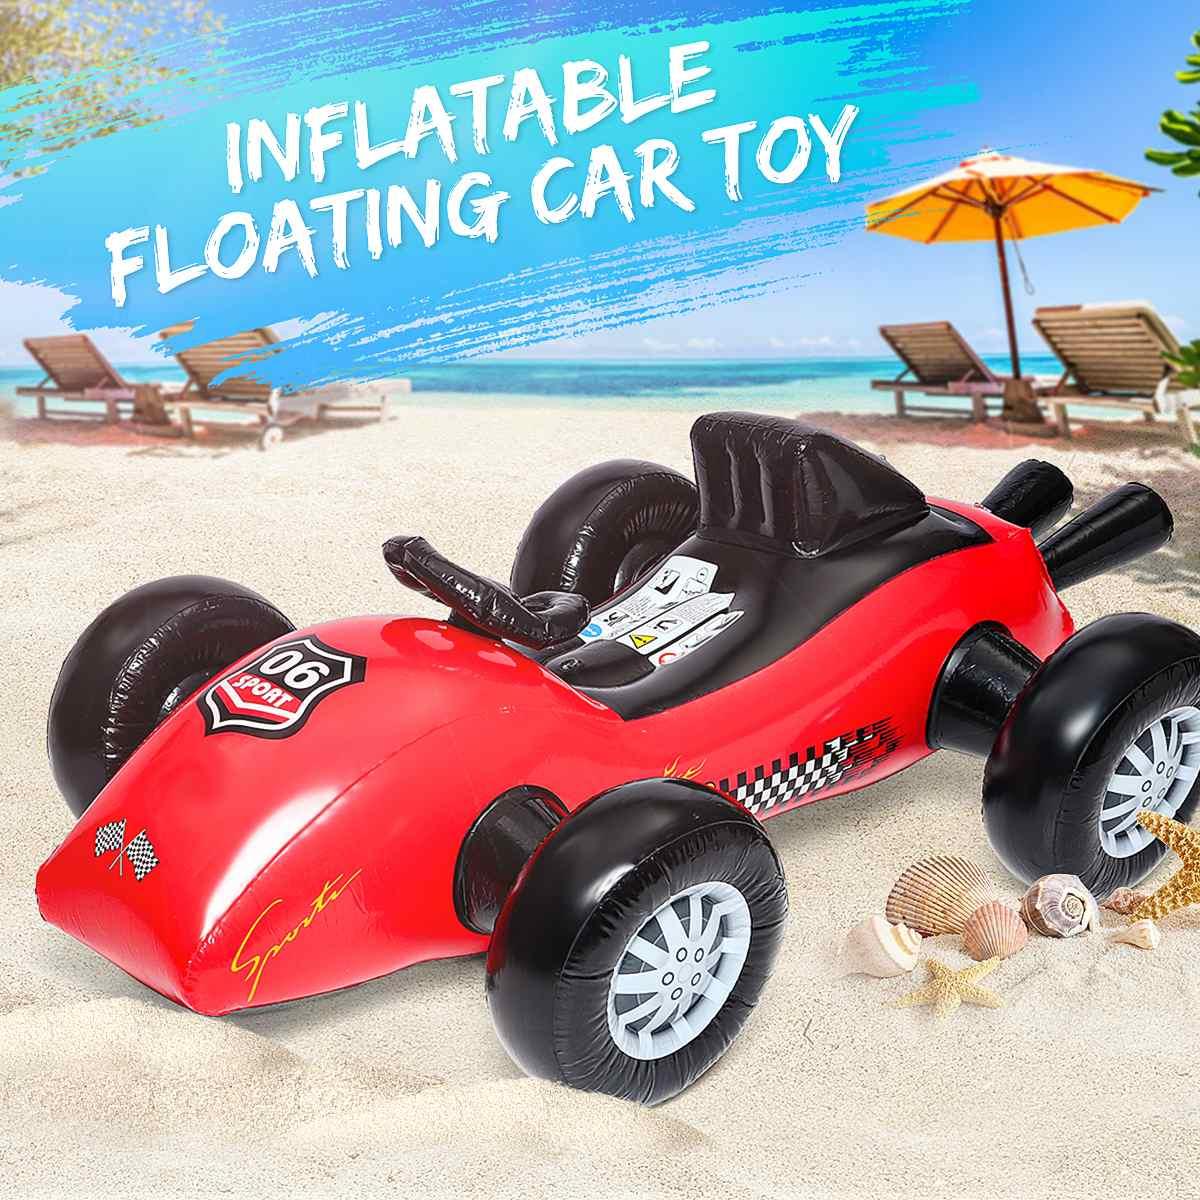 Été gonflable flotteur voiture plage eau jouet enfants siège bateau natation piscine accessoires natation respectueux de l'environnement PVC Durable